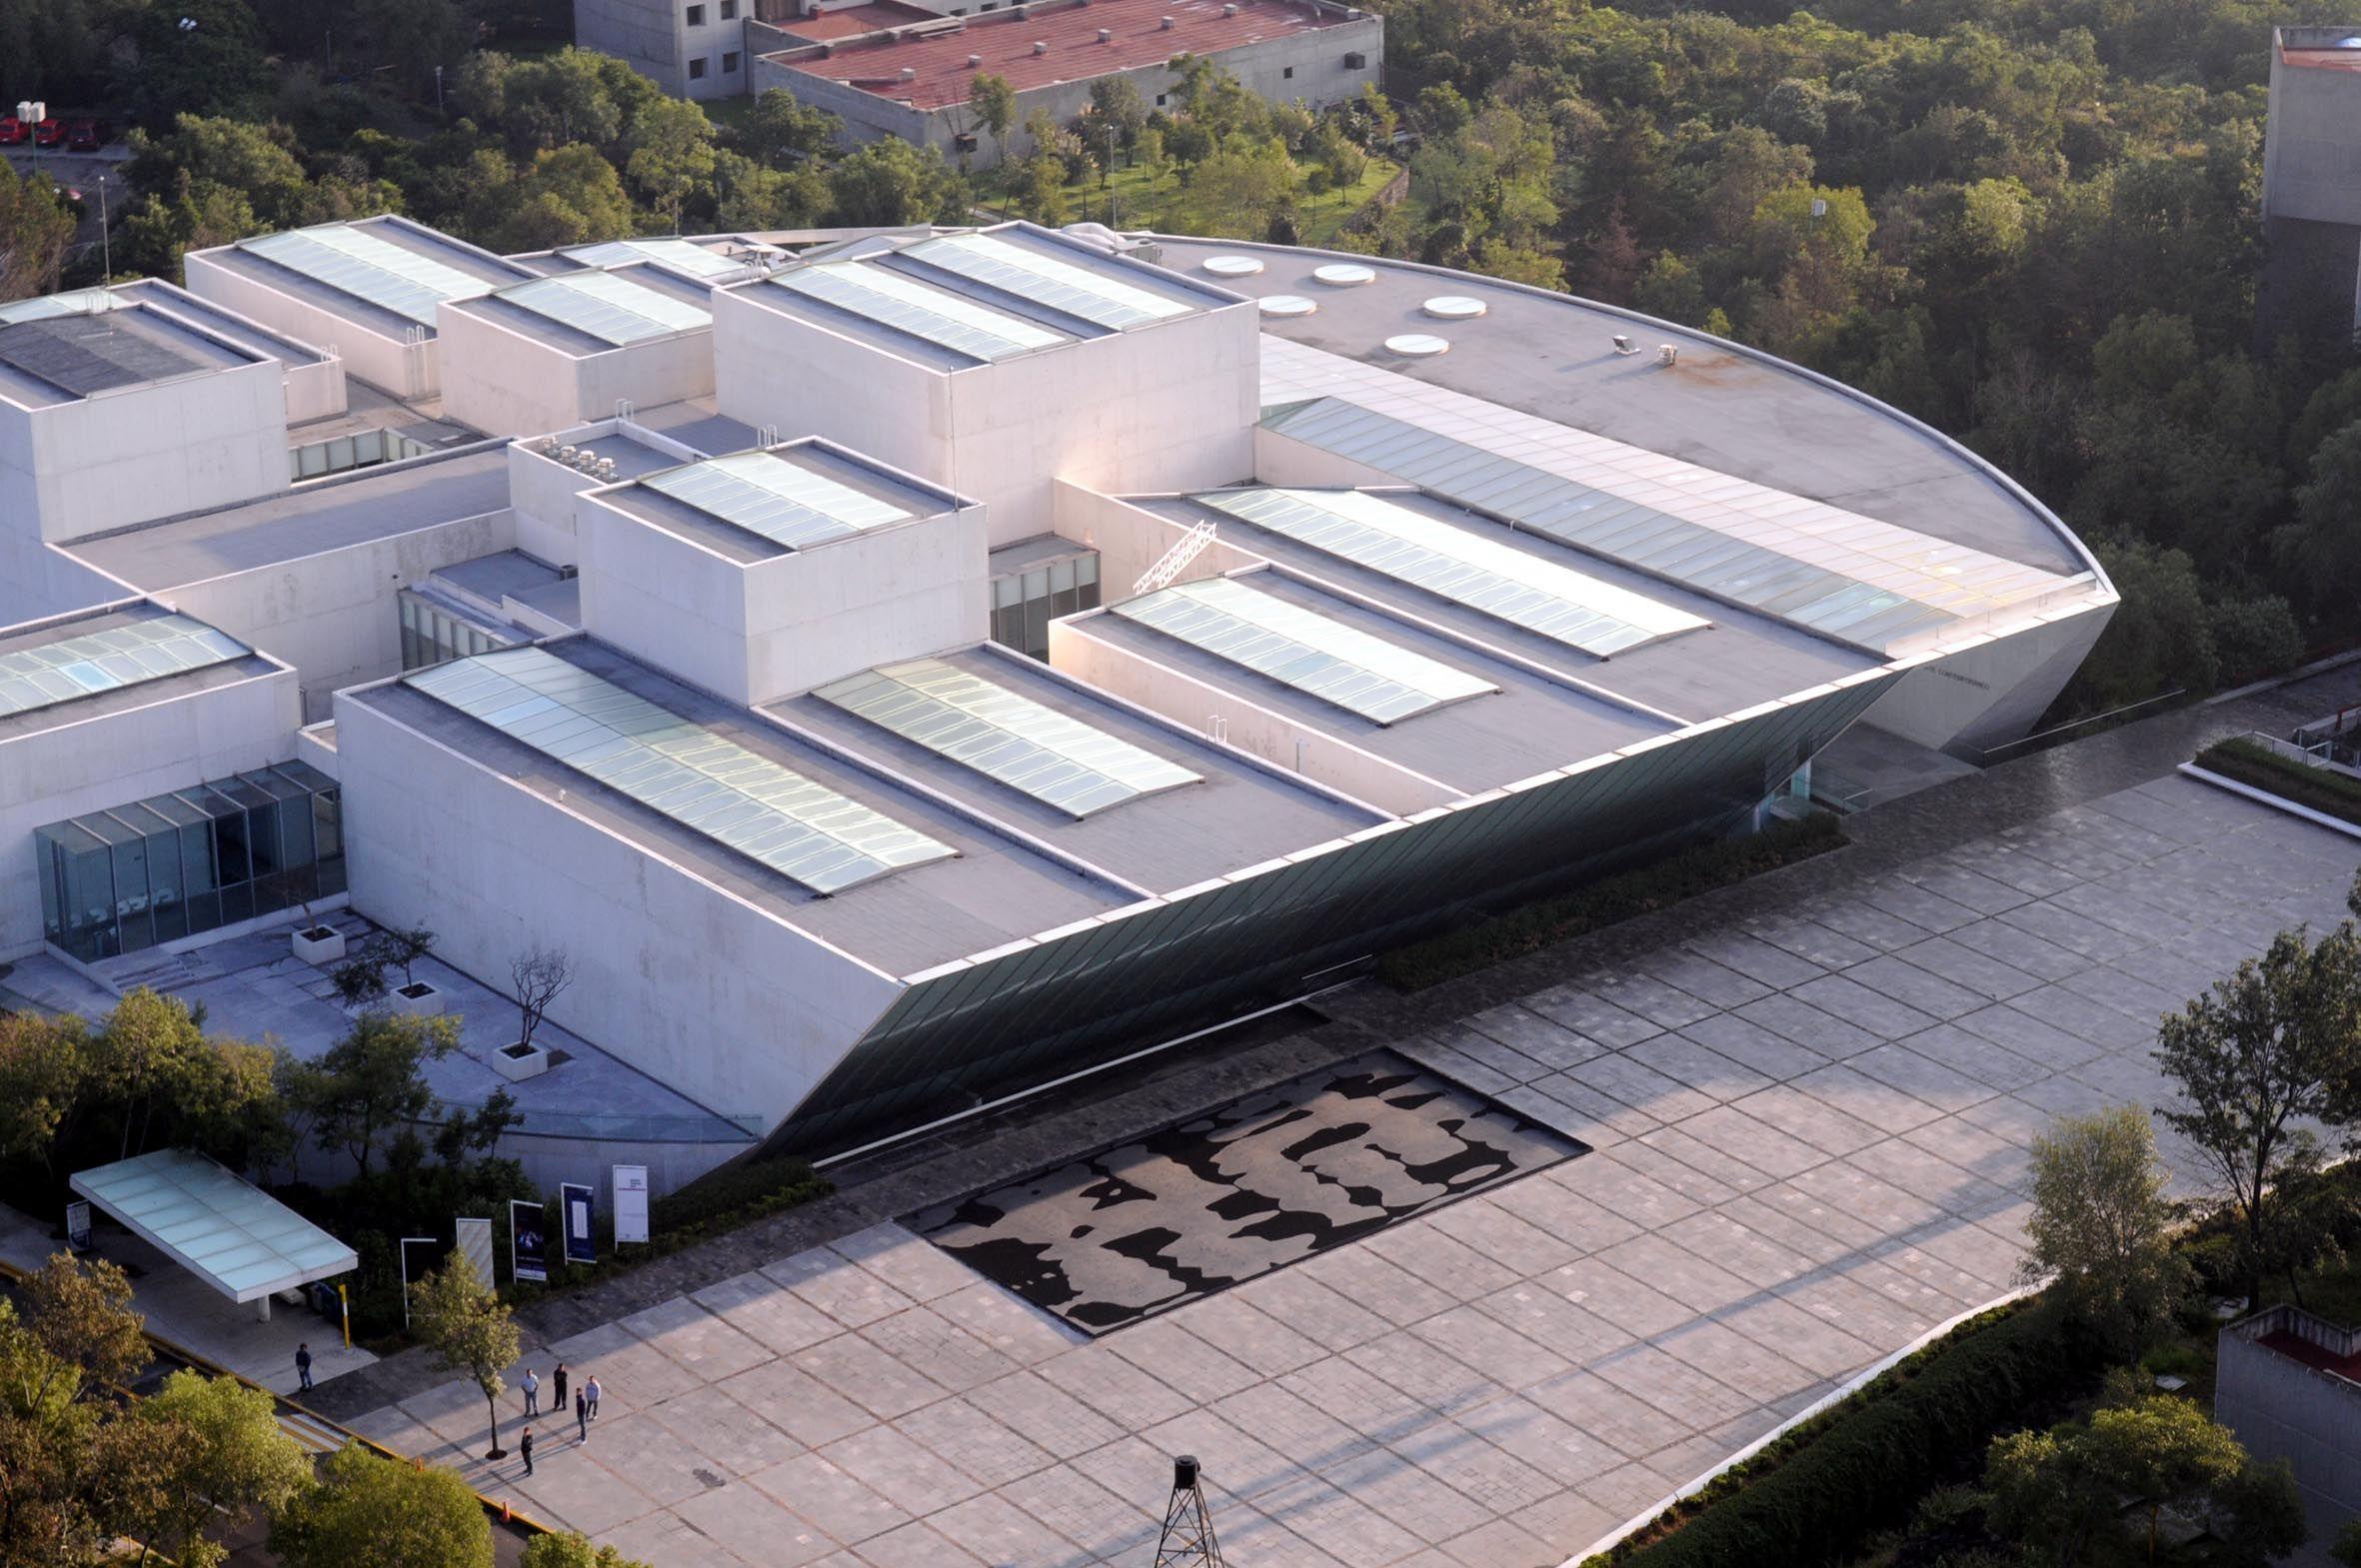 Sabías qué? El terreno donde se construyó el museo era un ...